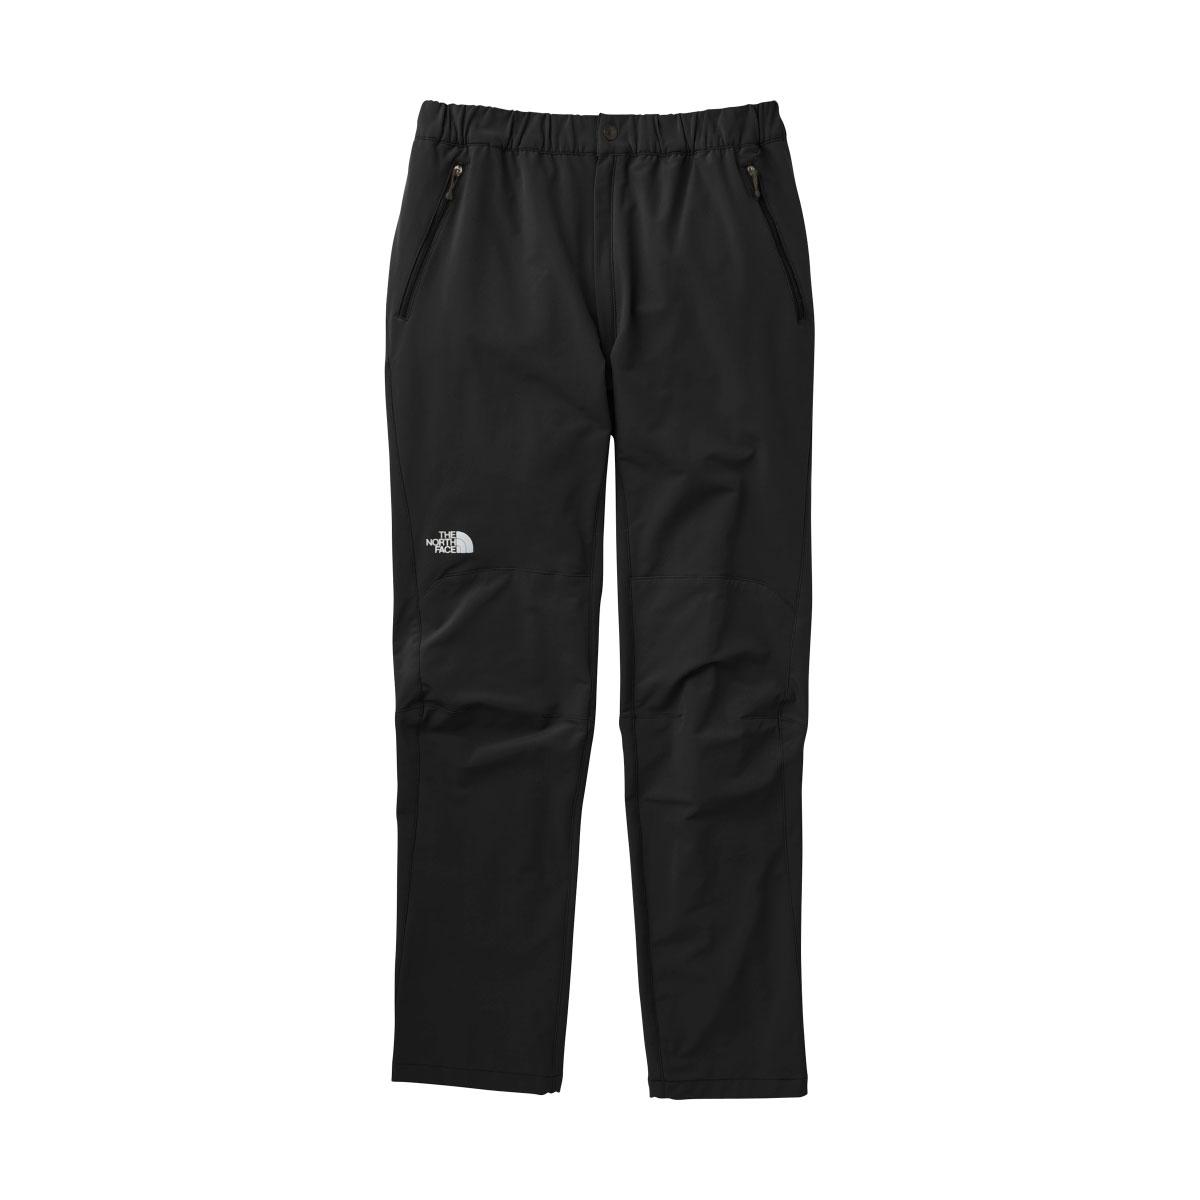 THE NORTH FACE ALPINE LIGHT PANT(ザ・ノース・フェイス アルペン ライト パンツ)ブラック【メンズ パンツ】18FW-I